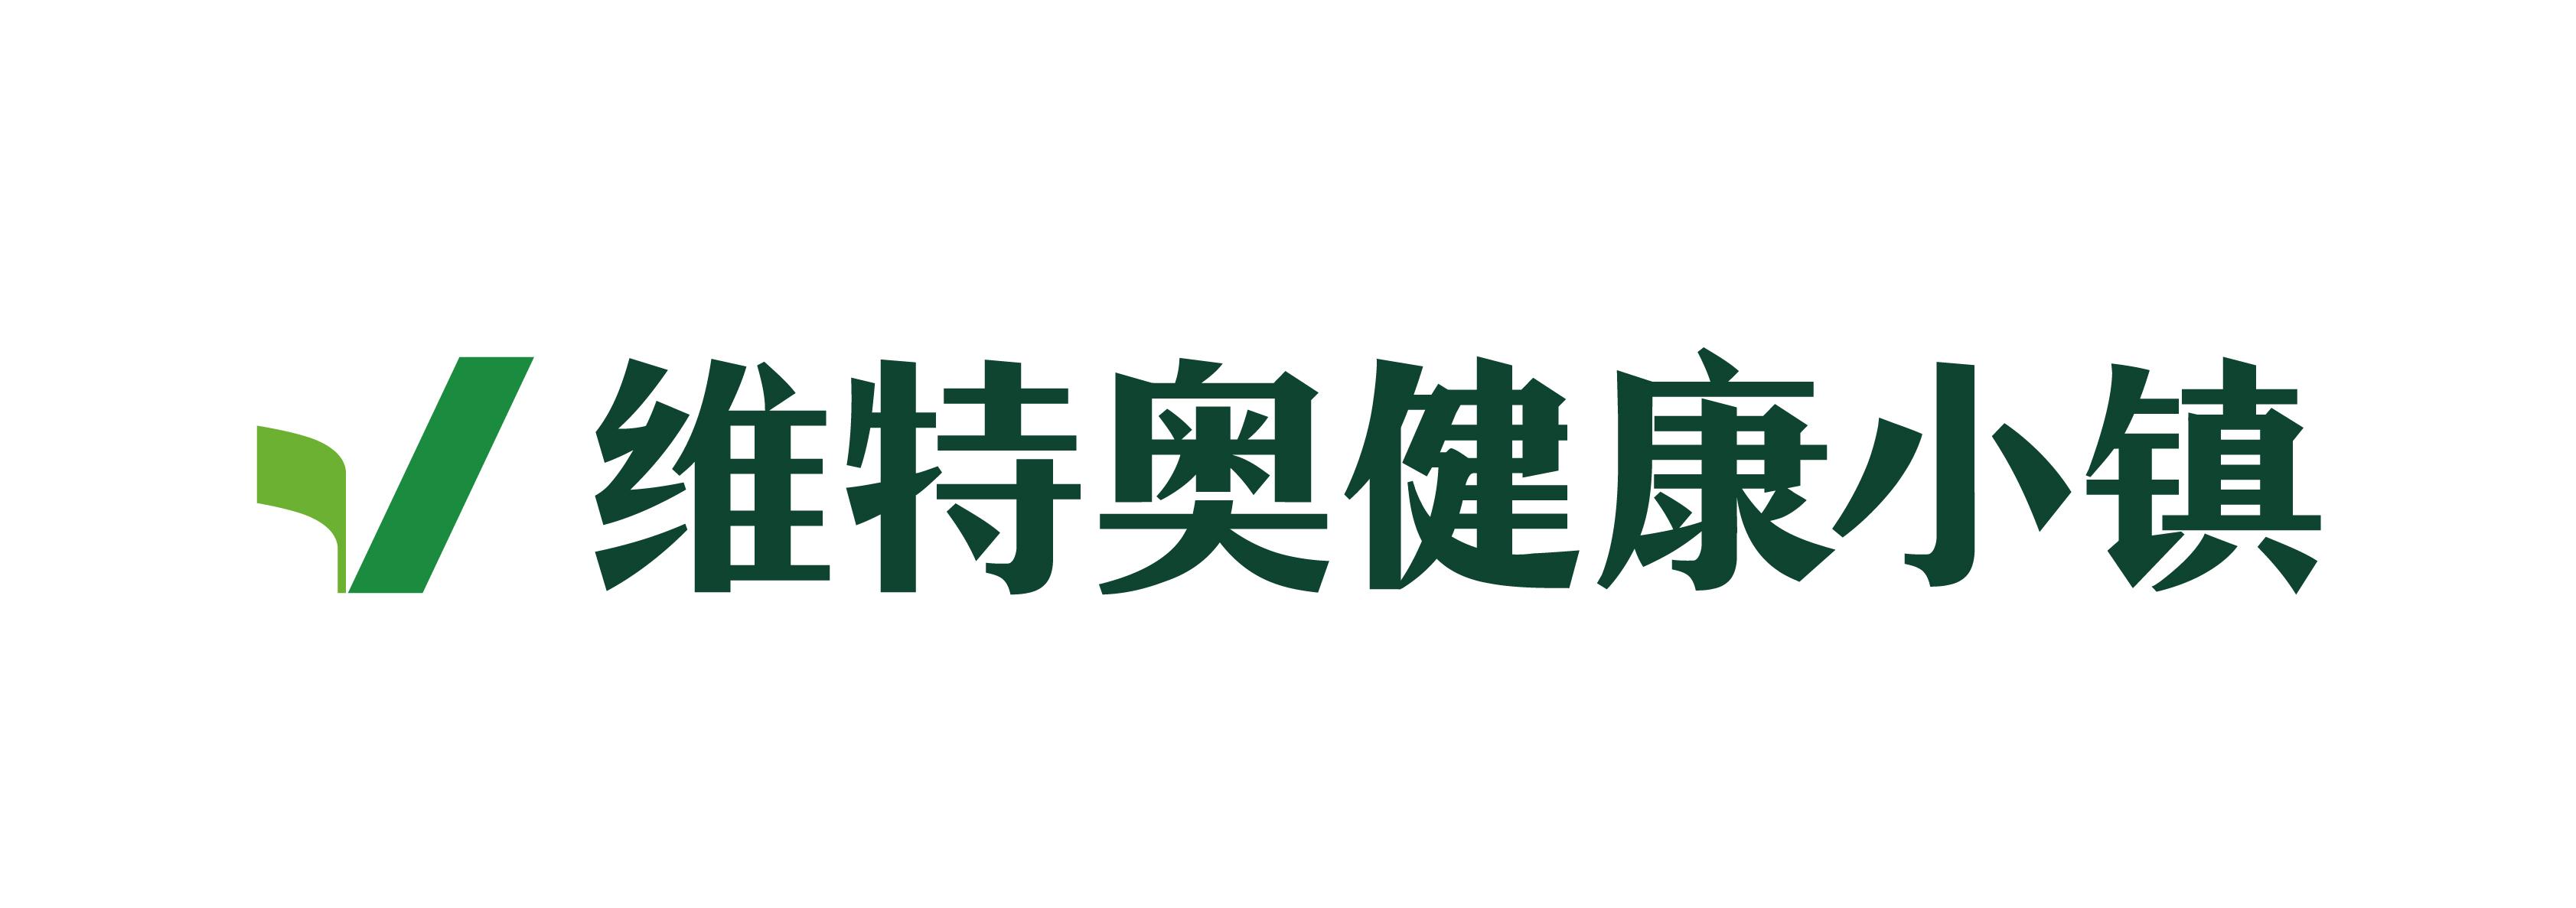 维特奥健康小镇-第五届中国国际老龄产业博览会